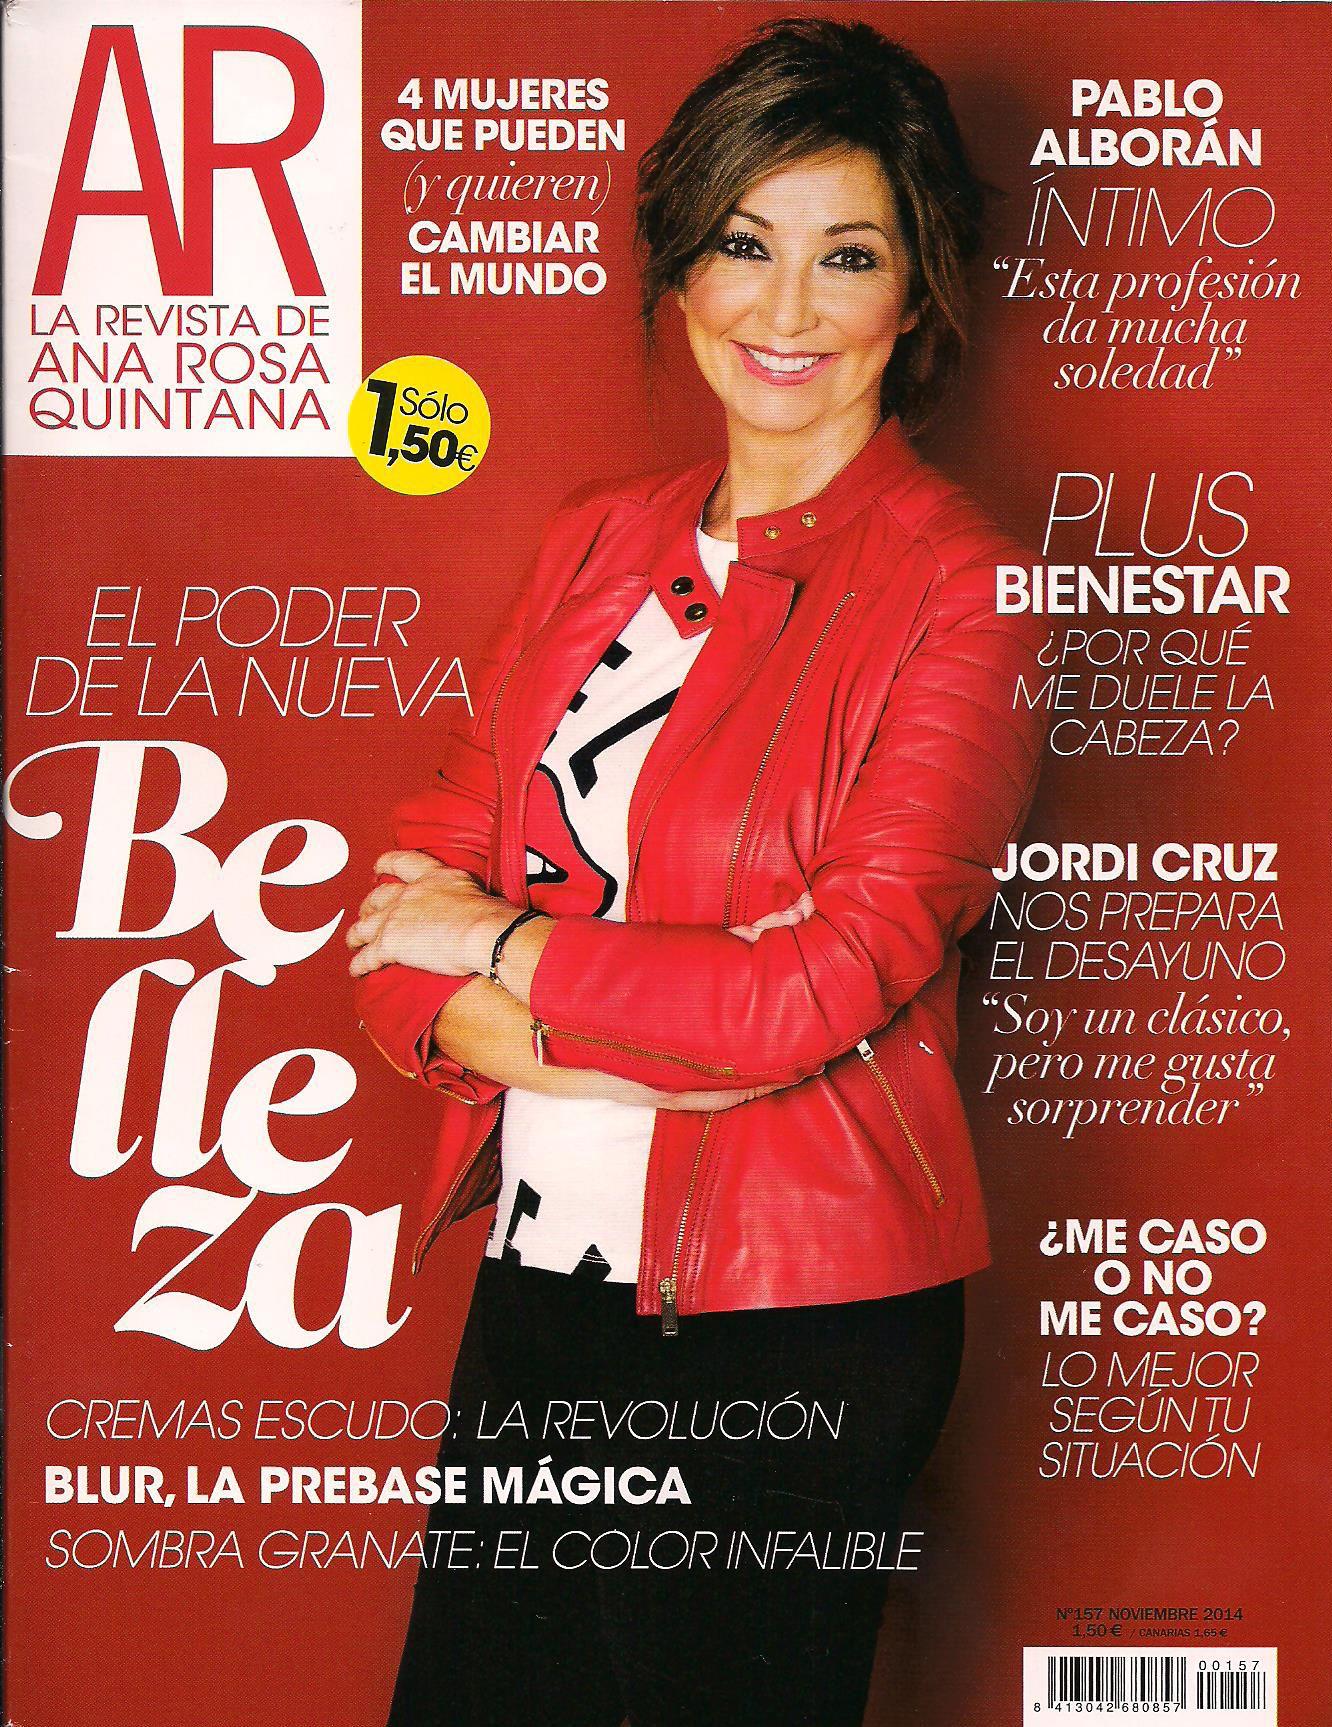 Portada Revista AR, El jabon recupera su sitio,